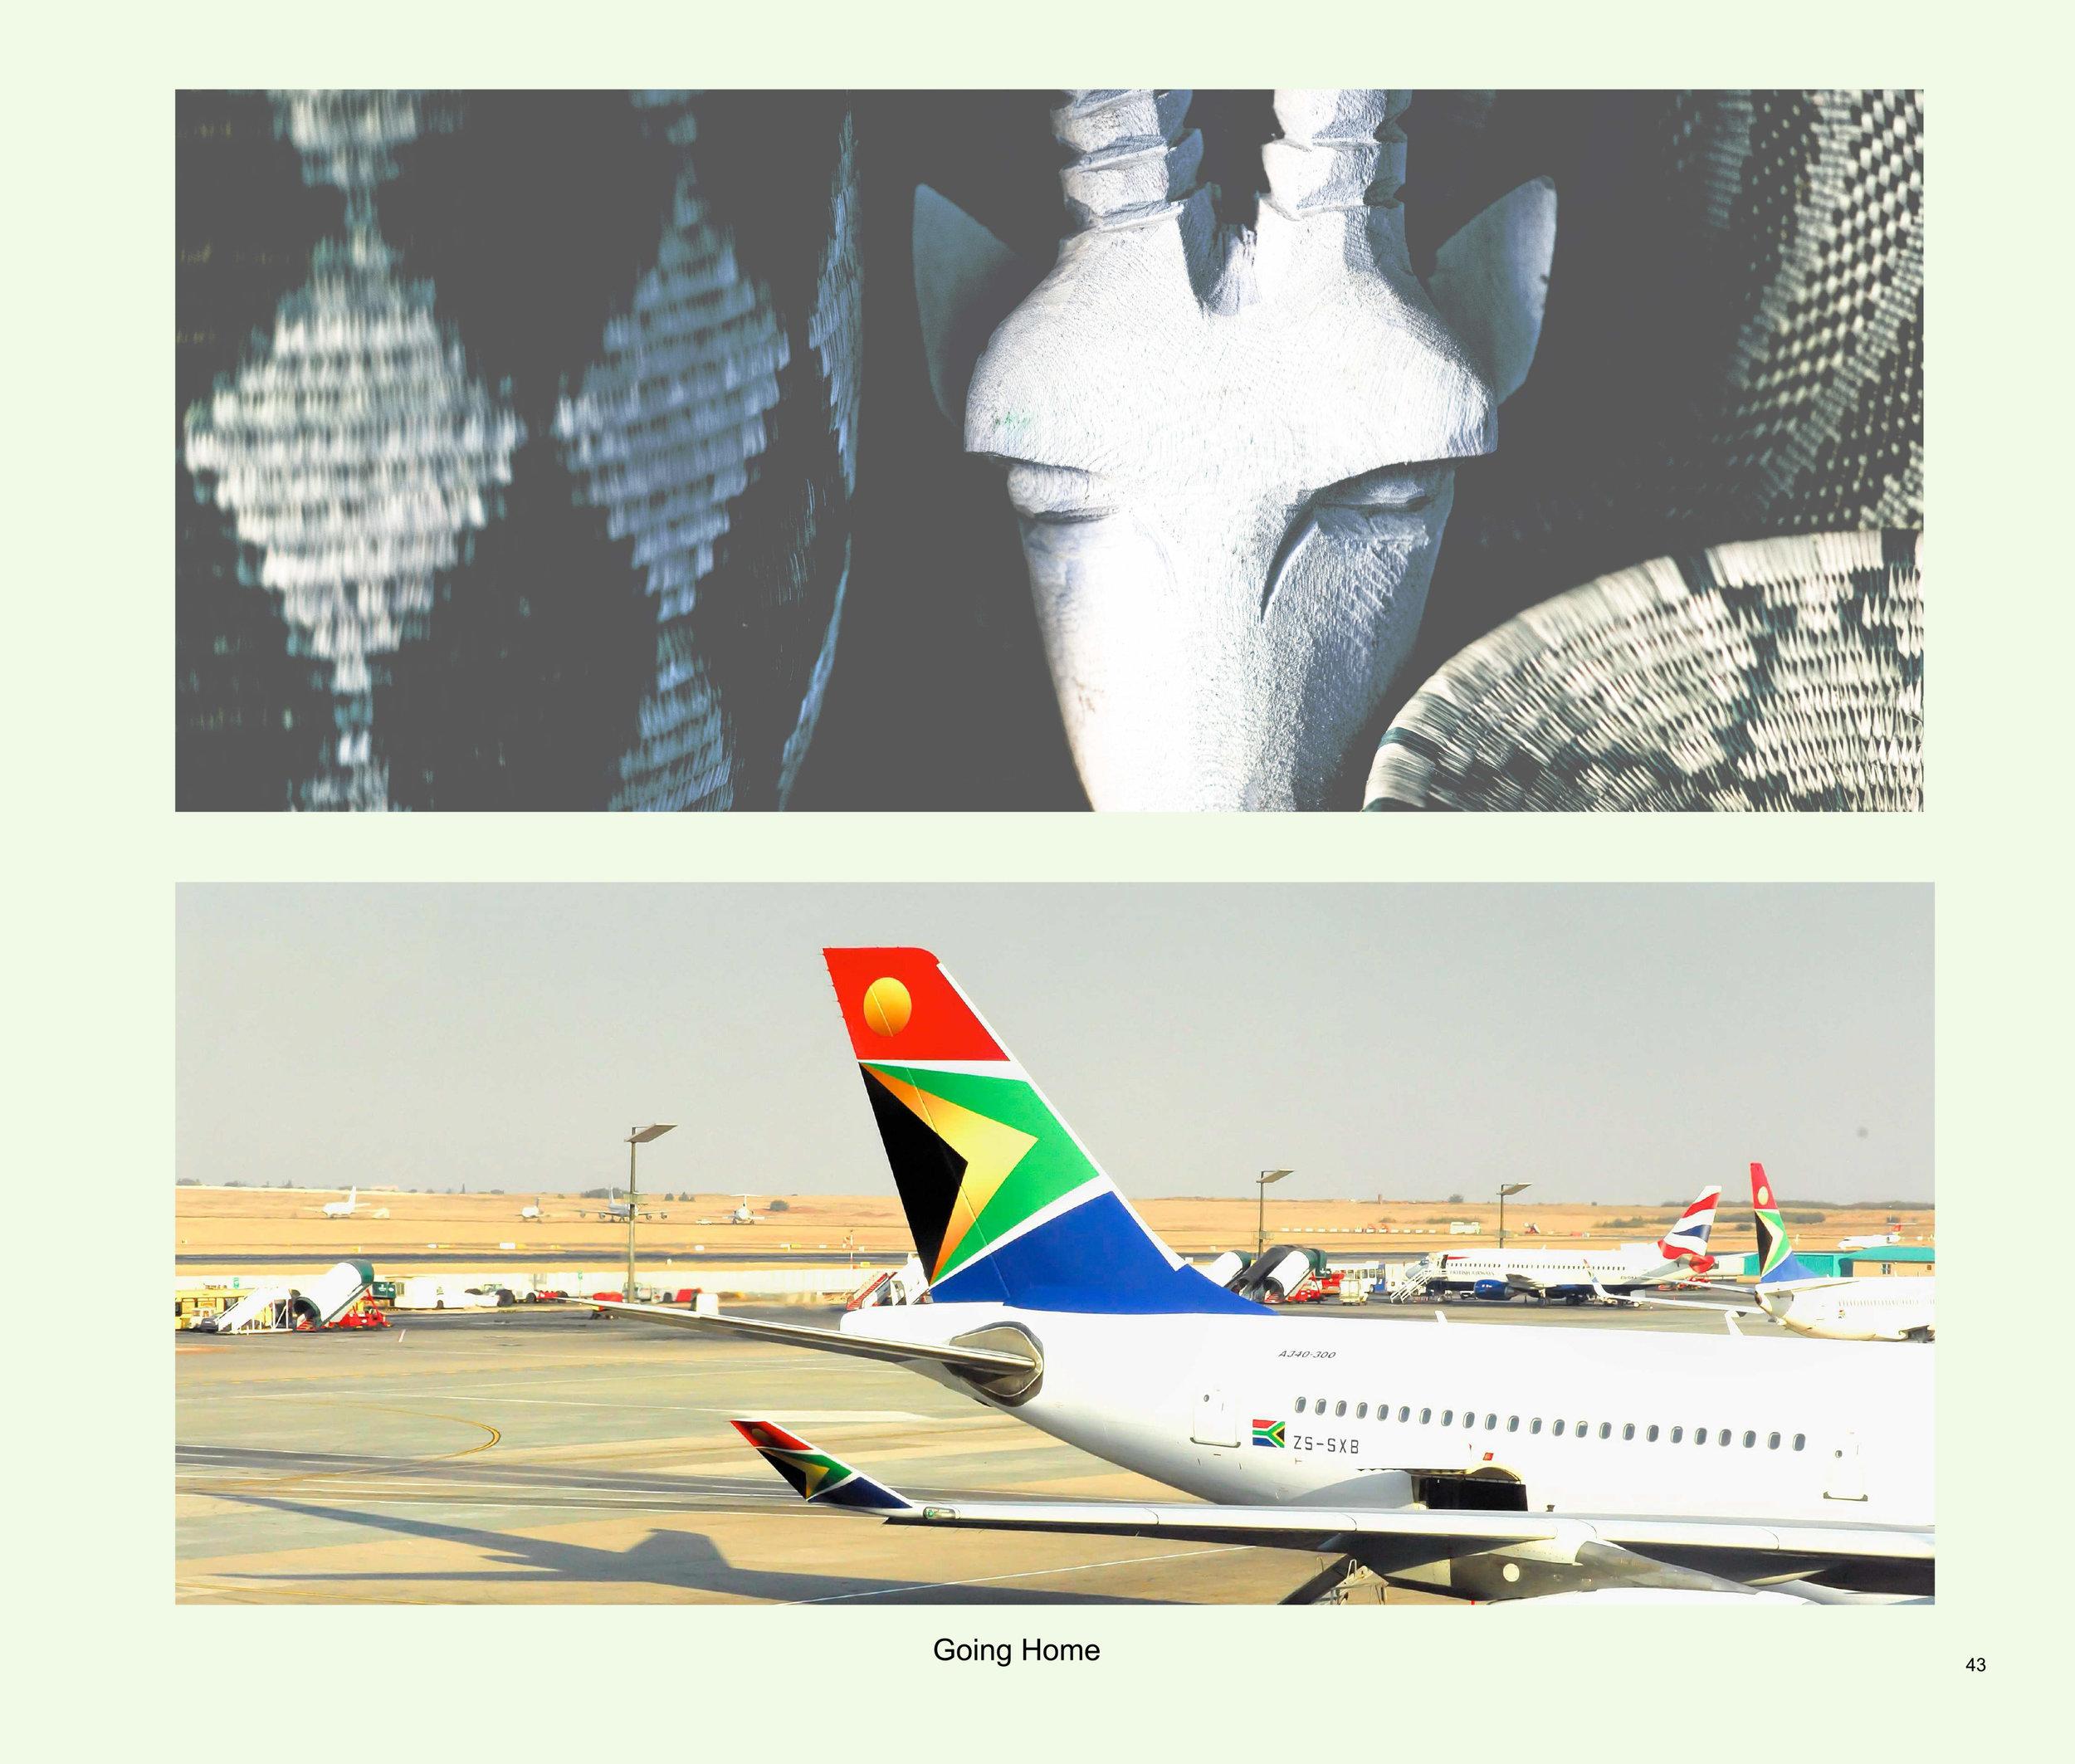 ImagesASouthernAfricaRoadTrip-45.jpg